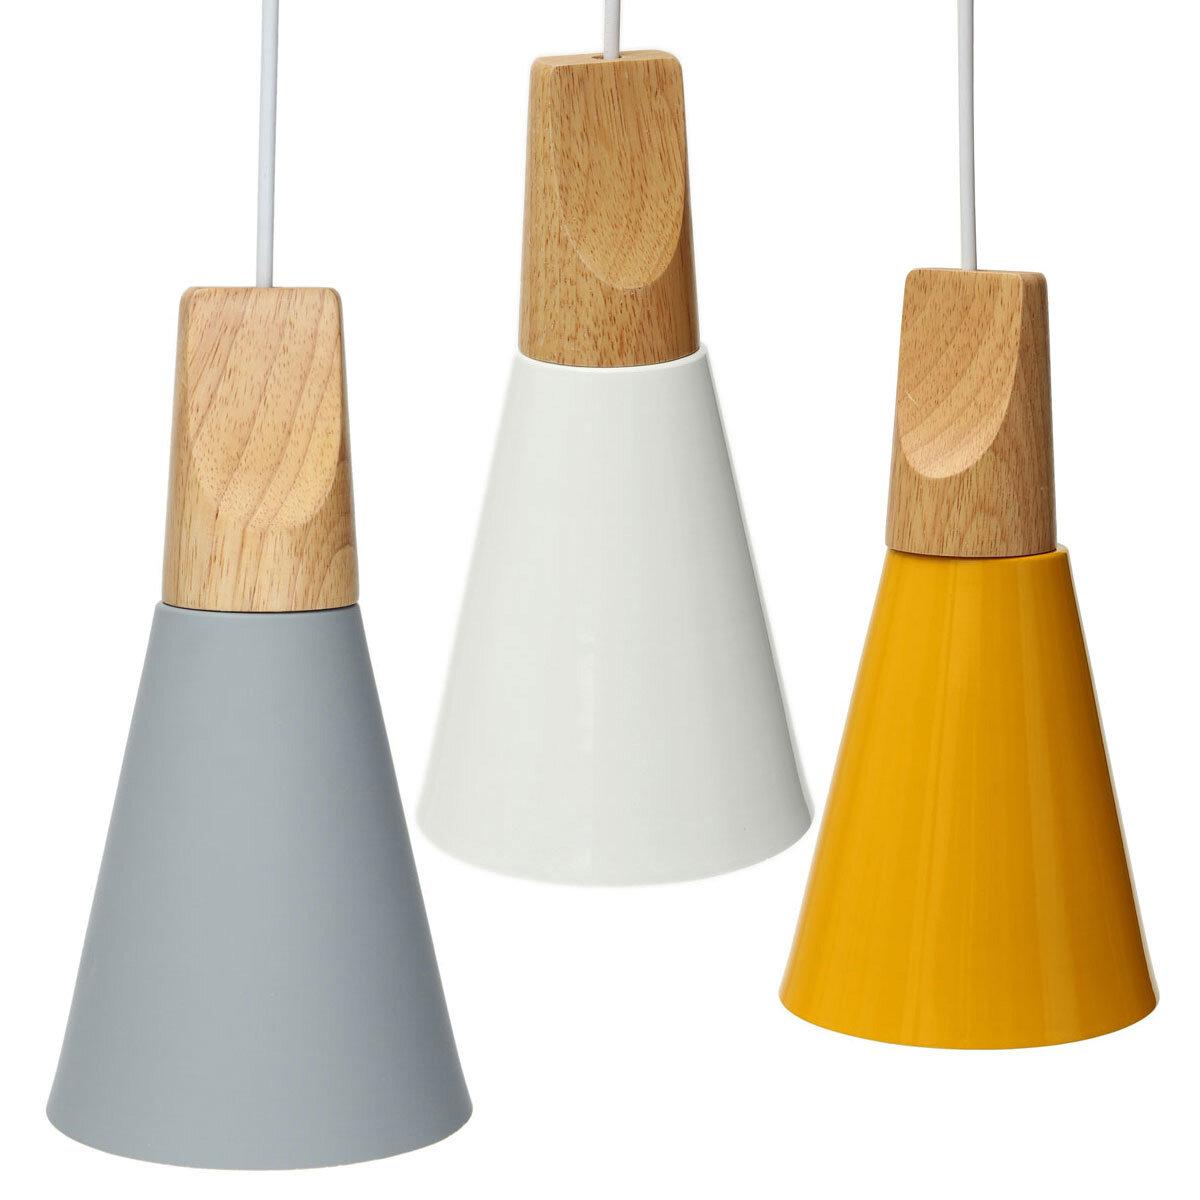 Vintage en bois Style européen abat-jour lampe lampe aluminium plafonnier abat-jour